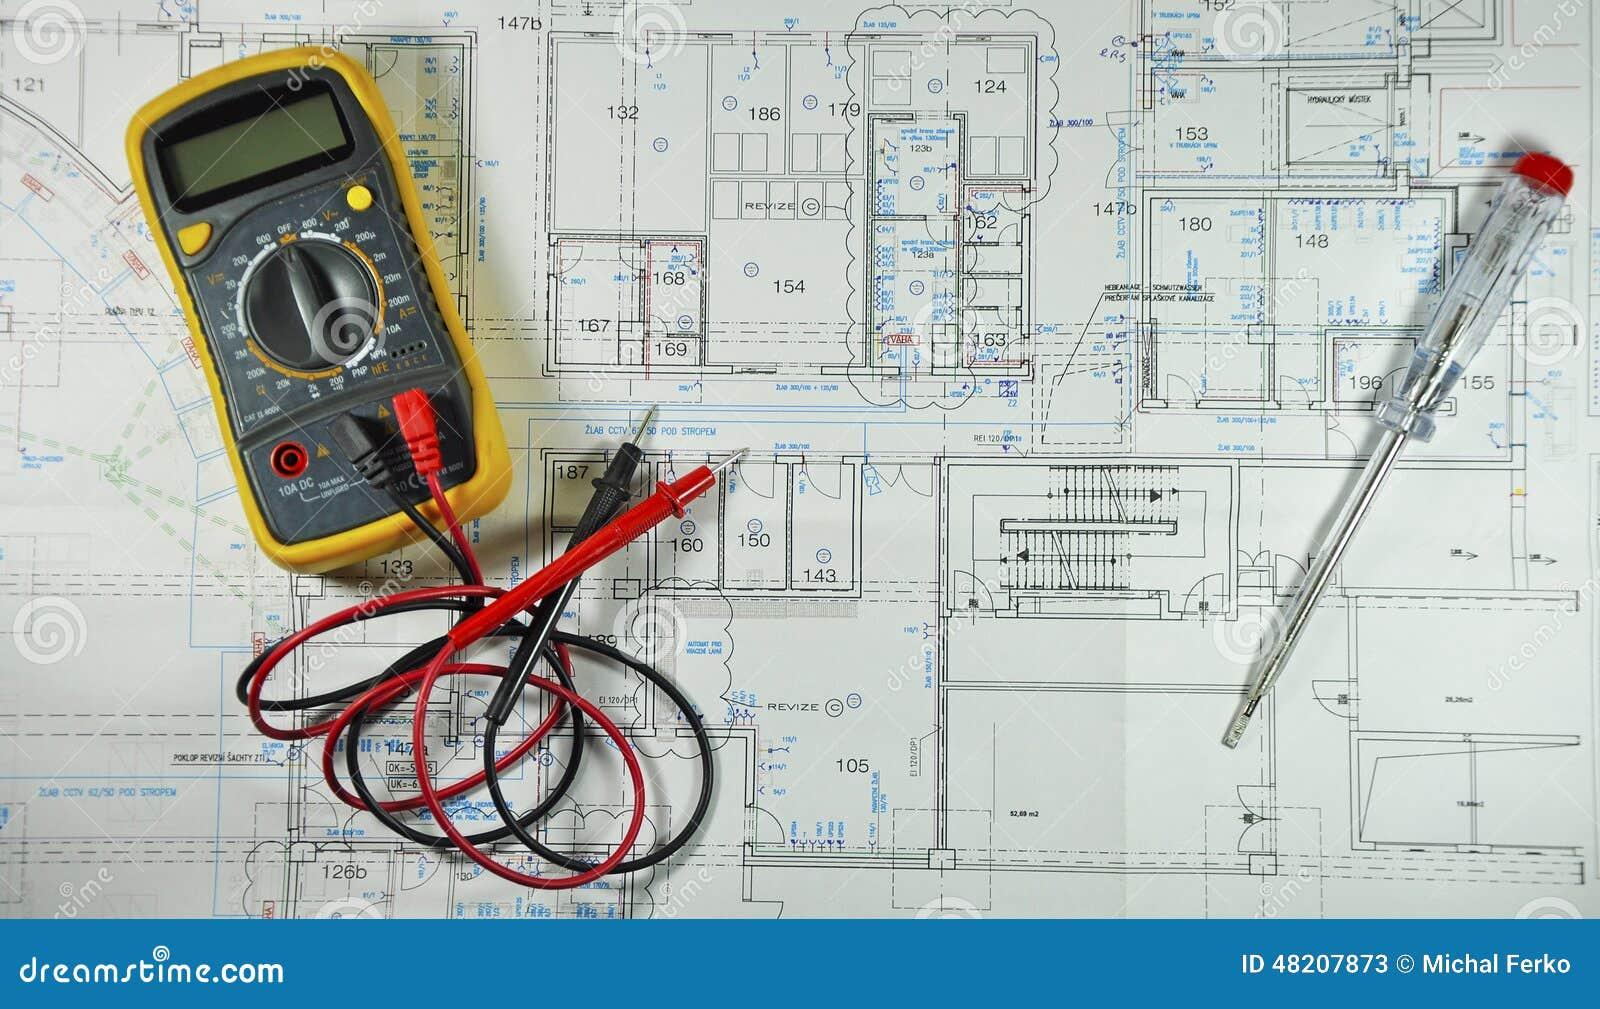 Schema Elettrico : Schema elettrico immagine stock immagine di voltmetro